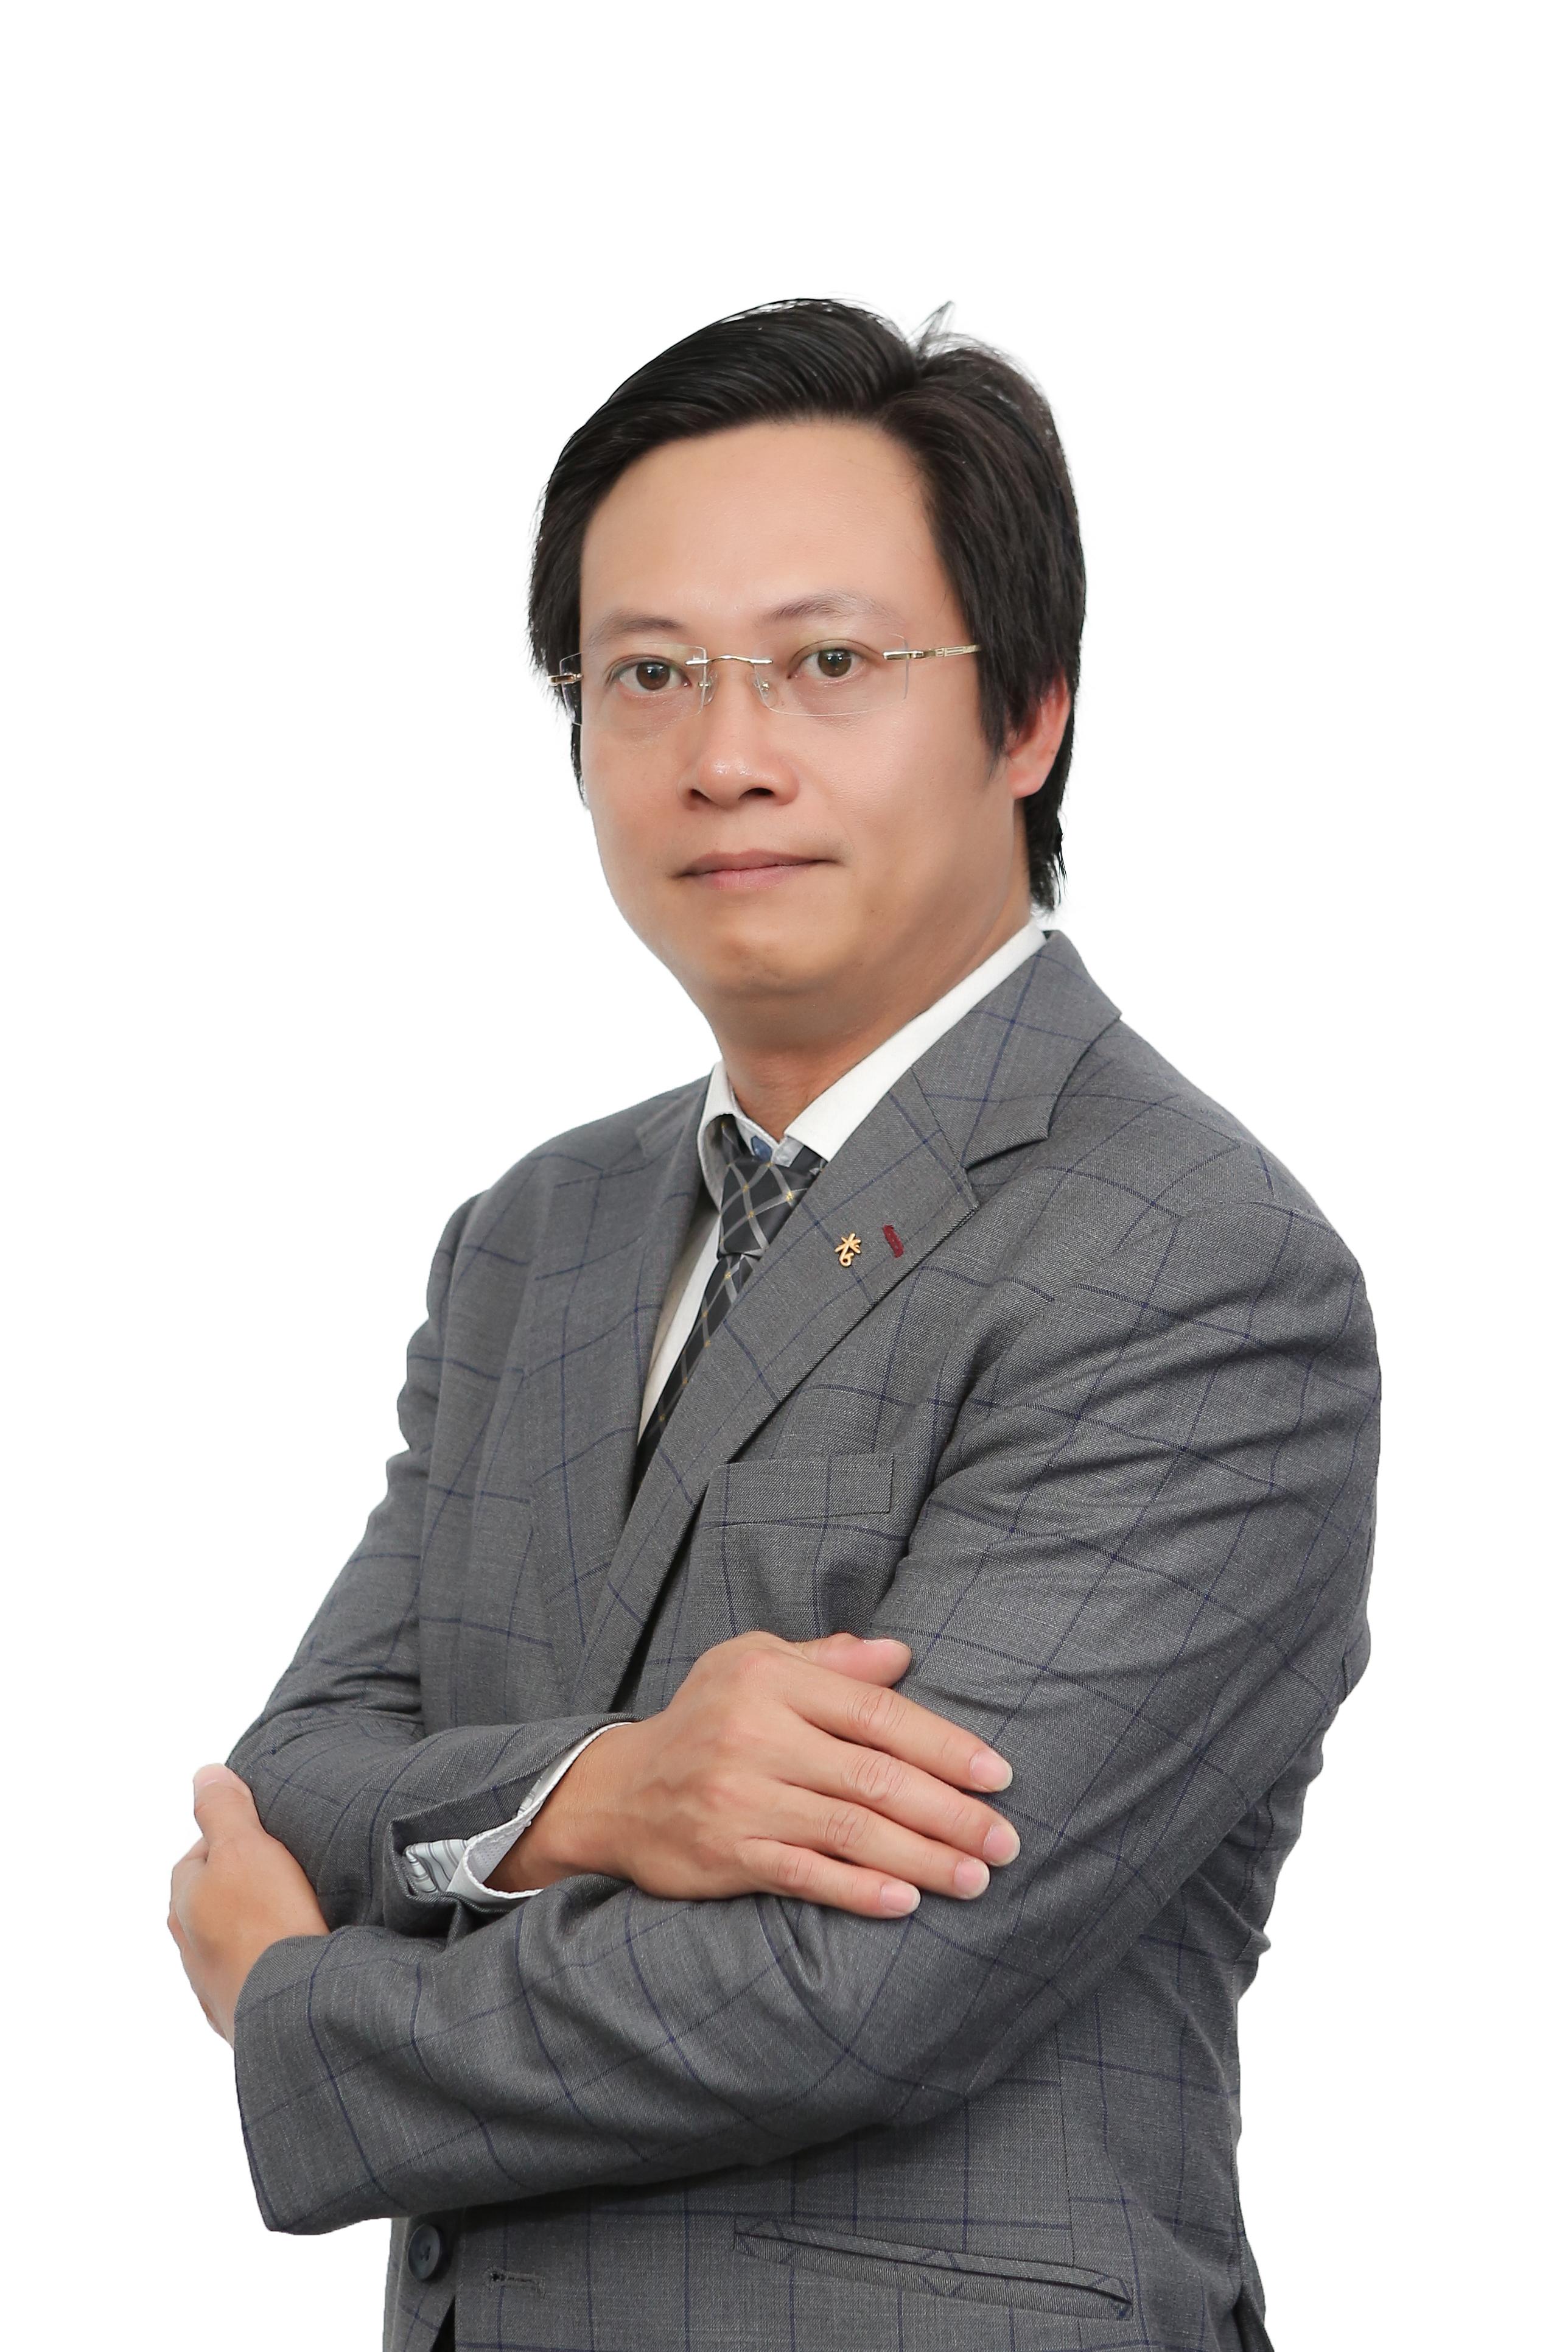 Mr. Phan Hoang Son